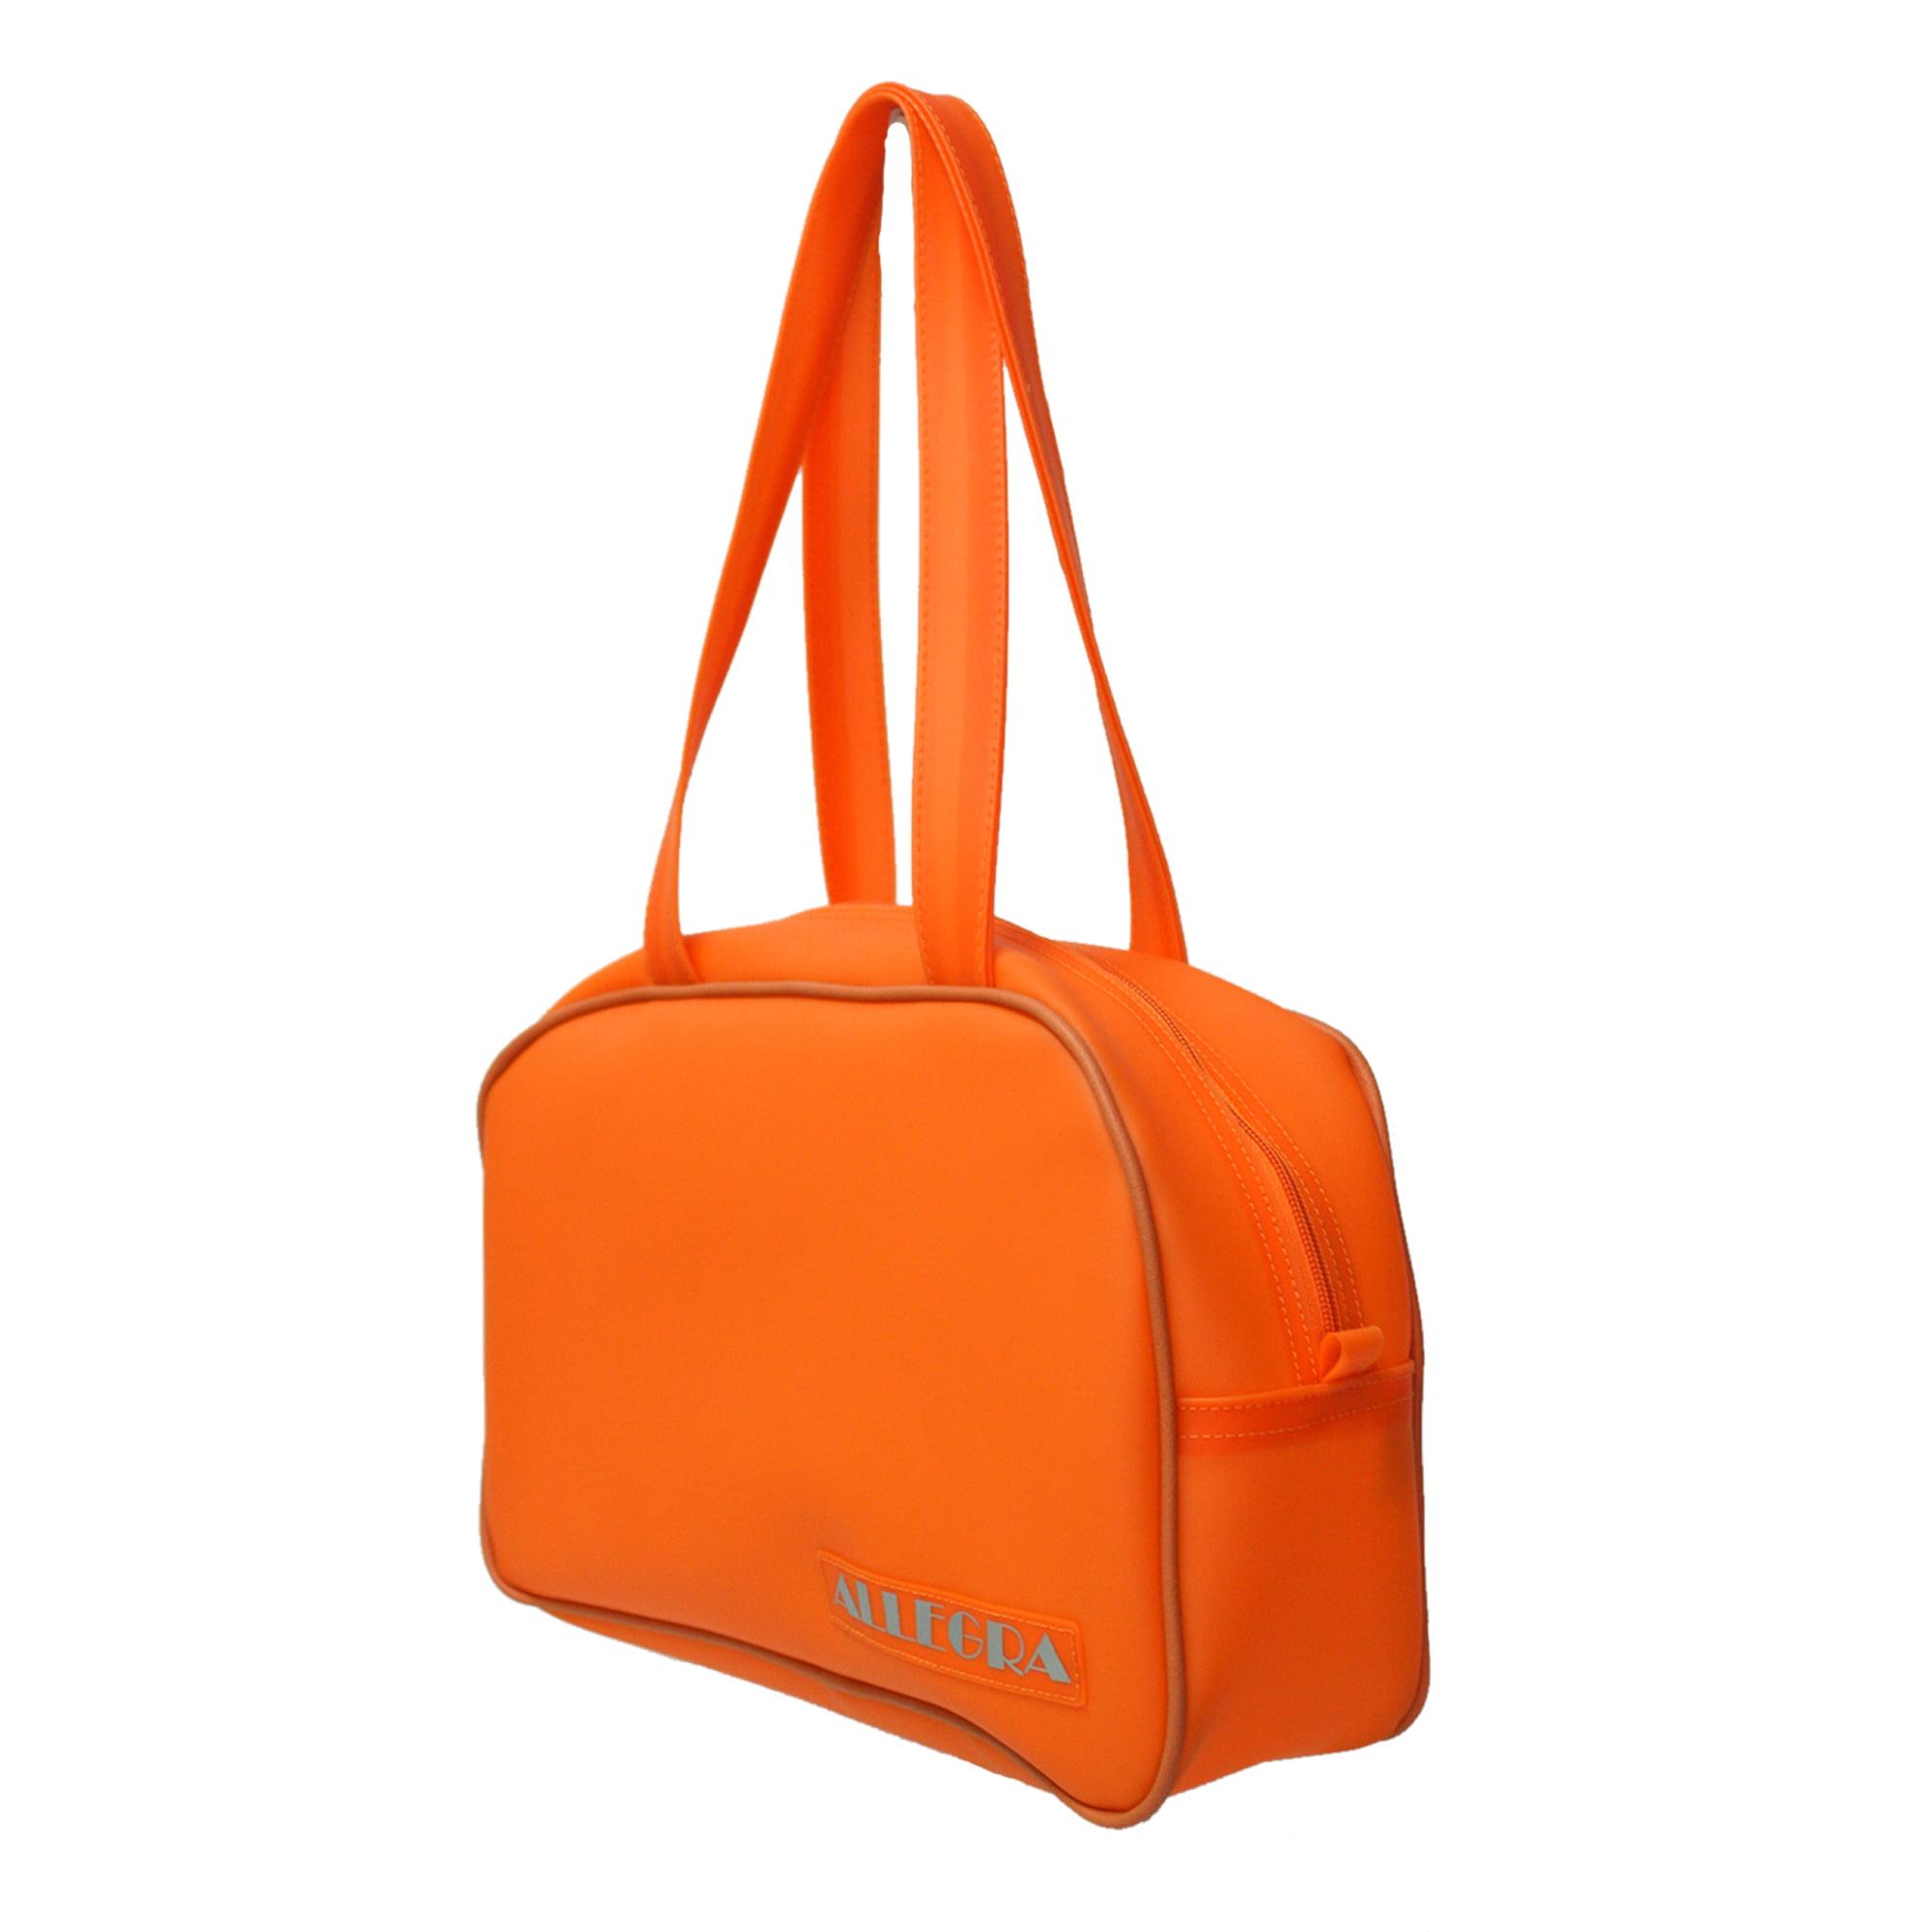 Bolsa esportiva laranja de praia